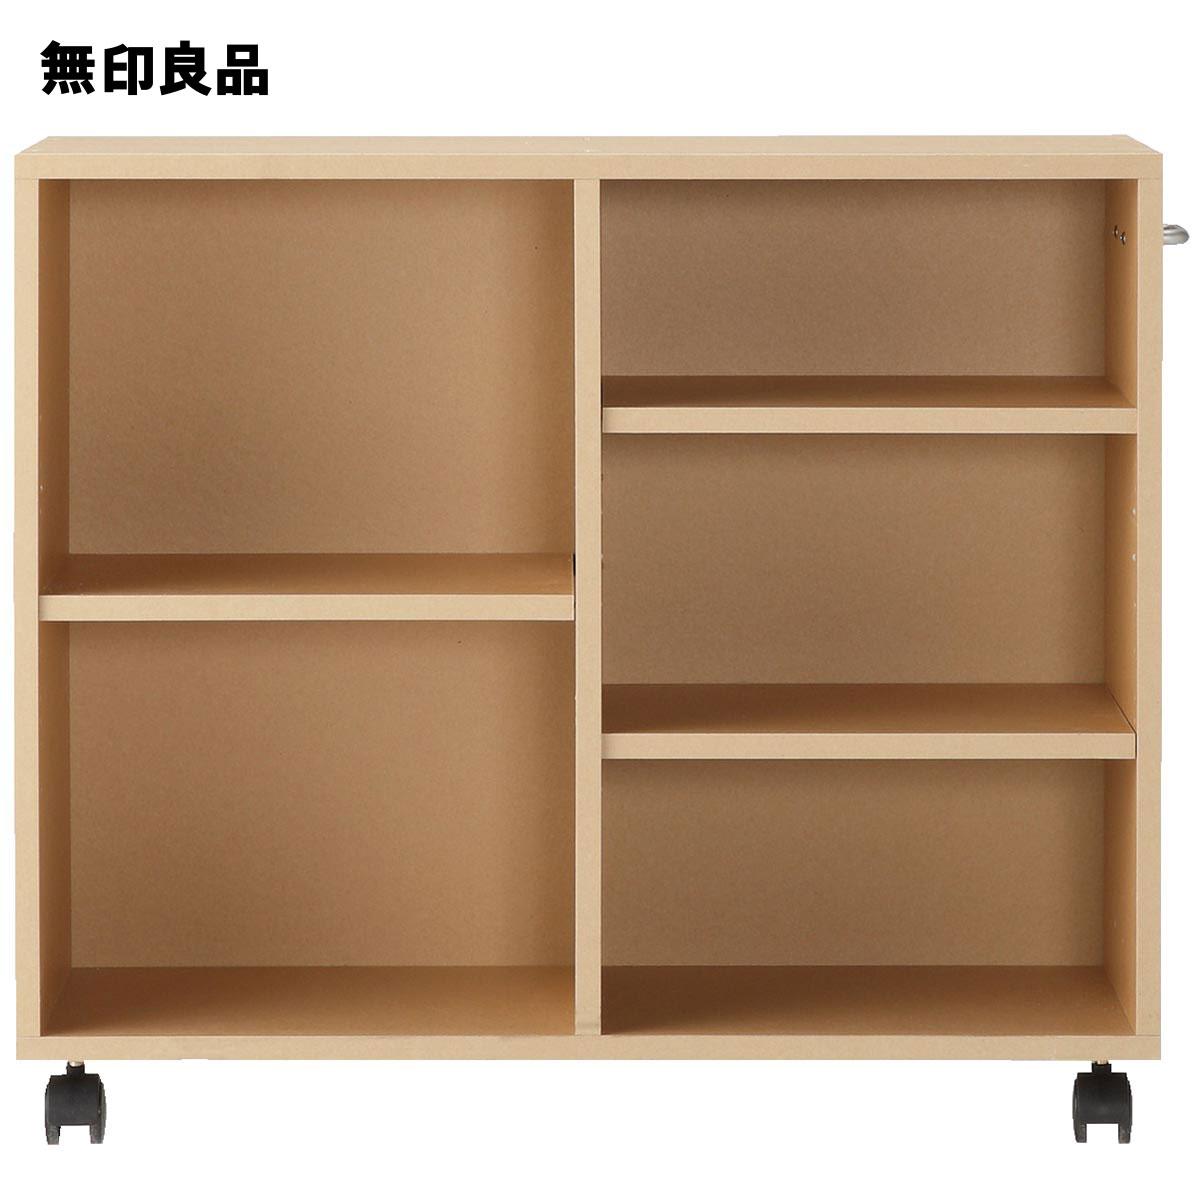 【無印良品 公式】パルプボードボックスキャスター付・ベージュ(タテヨコ仕様)幅76*奥行29*高さ64